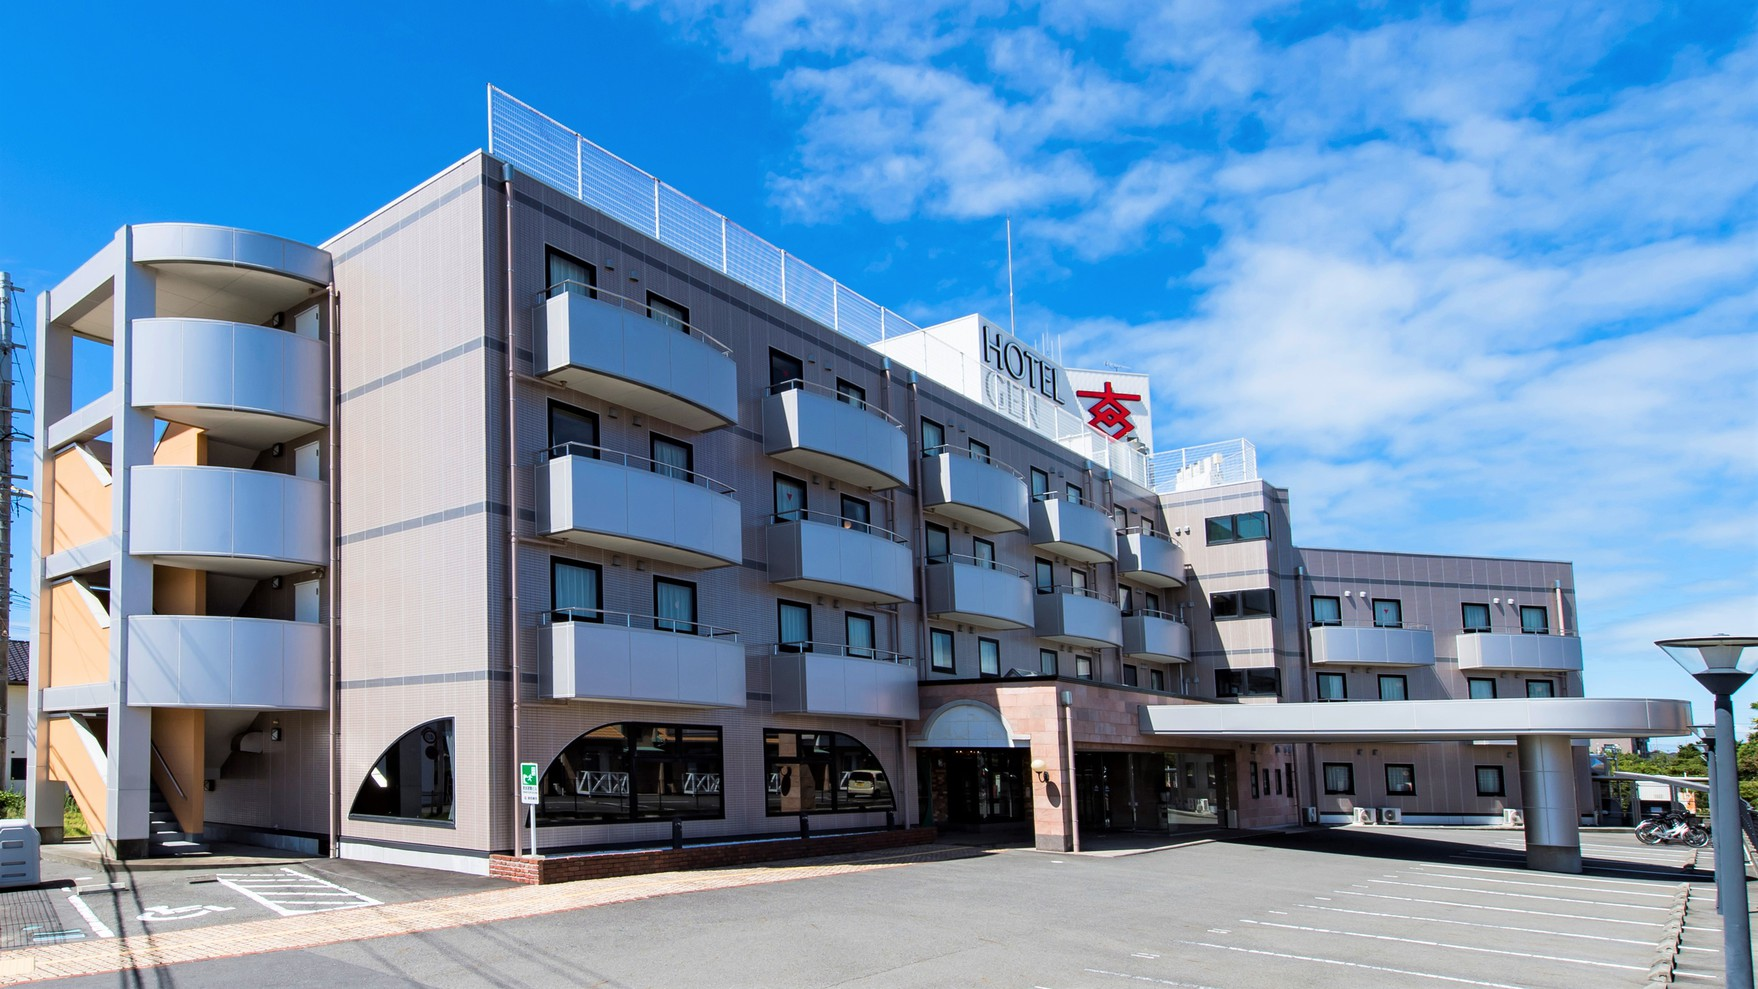 ホテル玄 御前崎